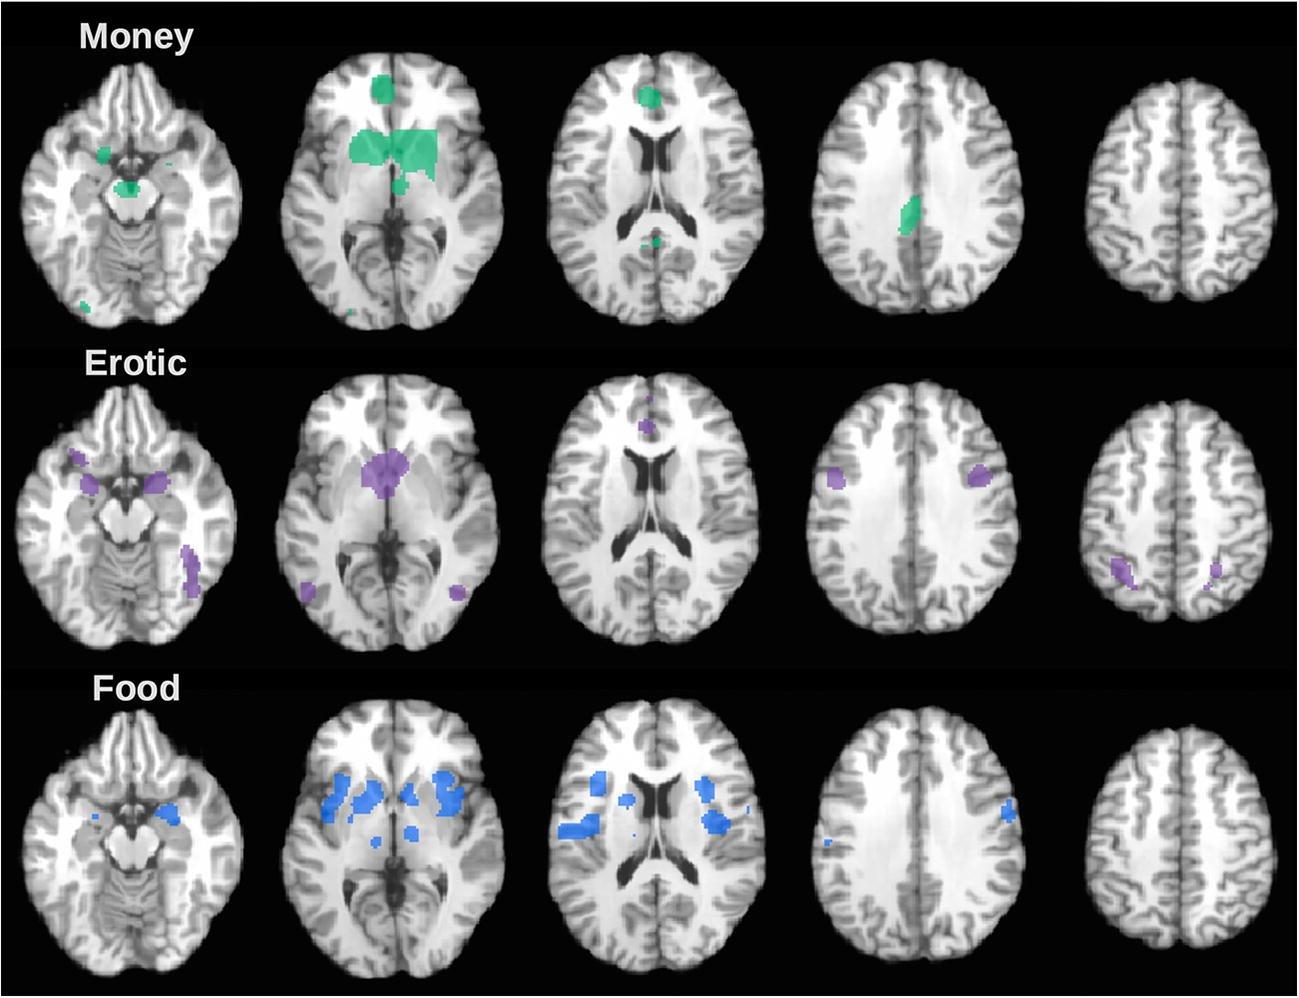 Мозг различает удовольствия от эротики, сладкого и денег